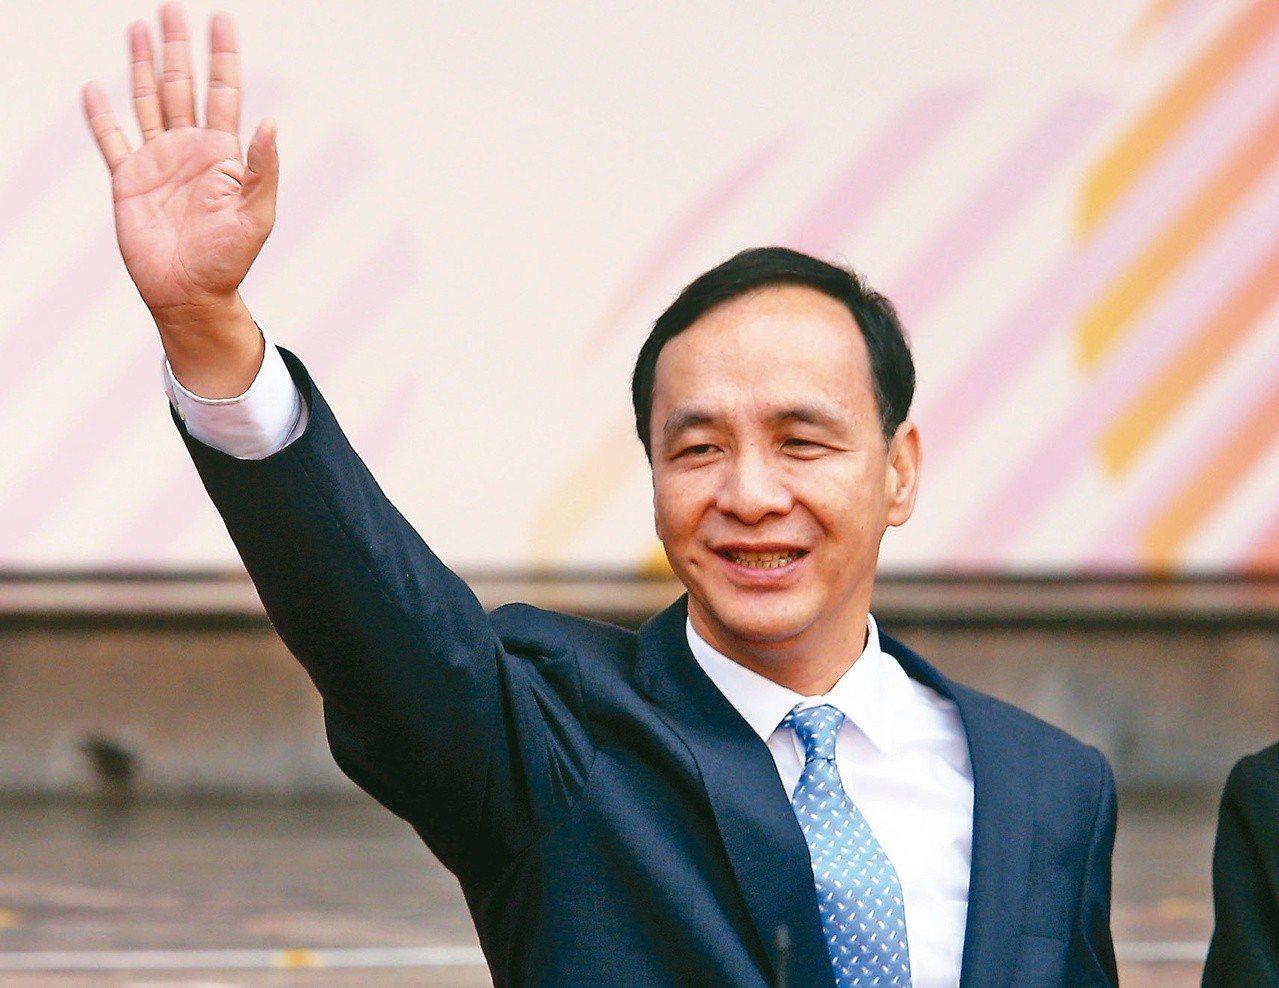 前新北市長朱立倫(圖)說,九二共識跟一國兩制完全是兩回事,中華民國從過去、現在到...